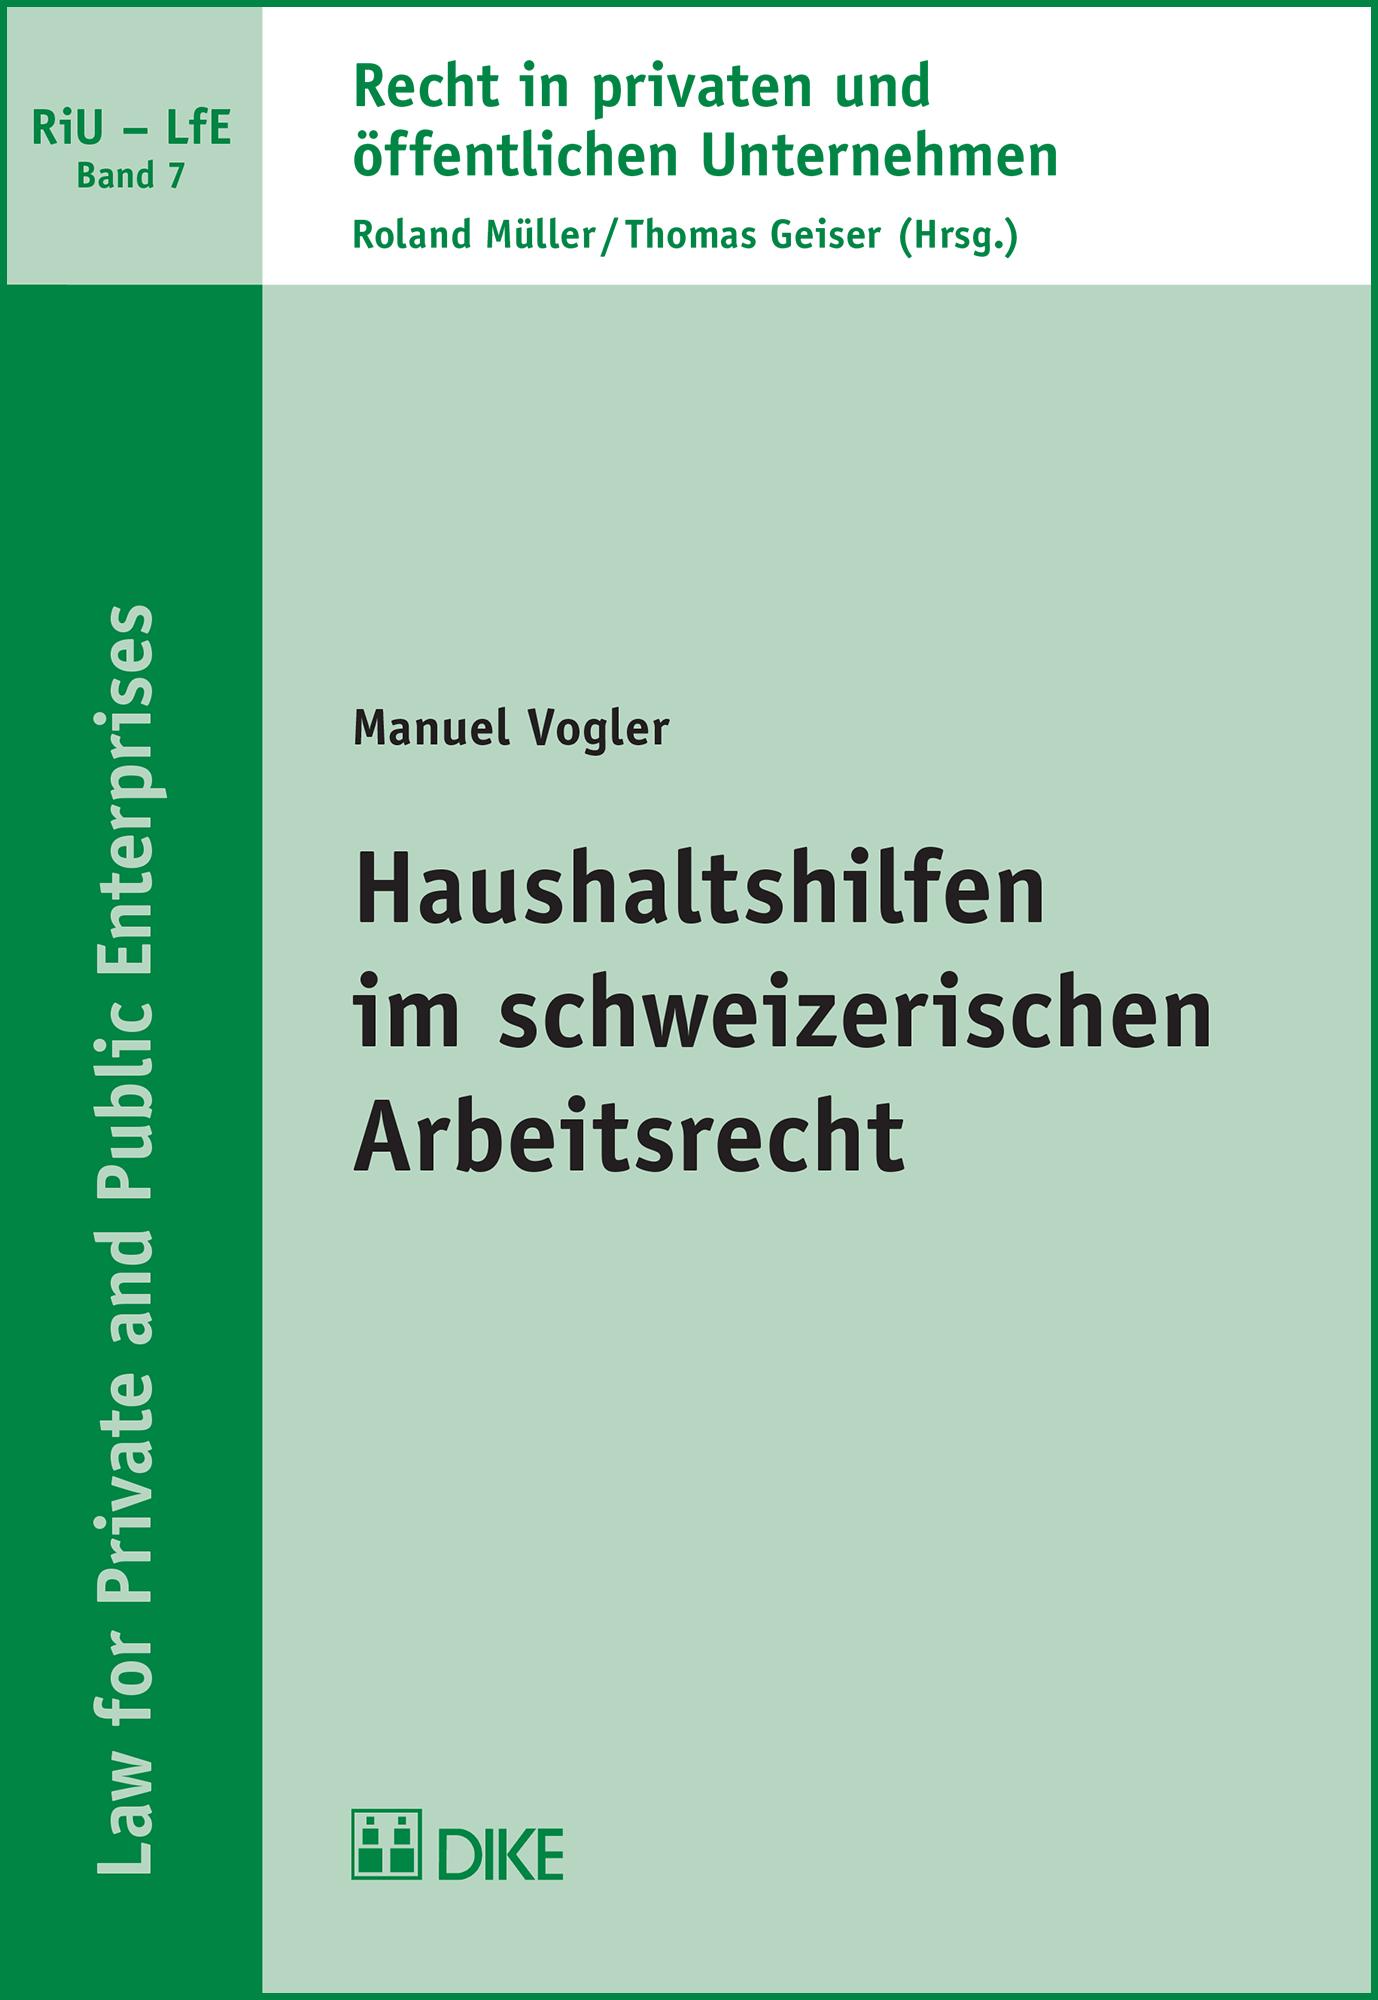 Haushaltshilfen im schweizerischen Arbeitsrecht